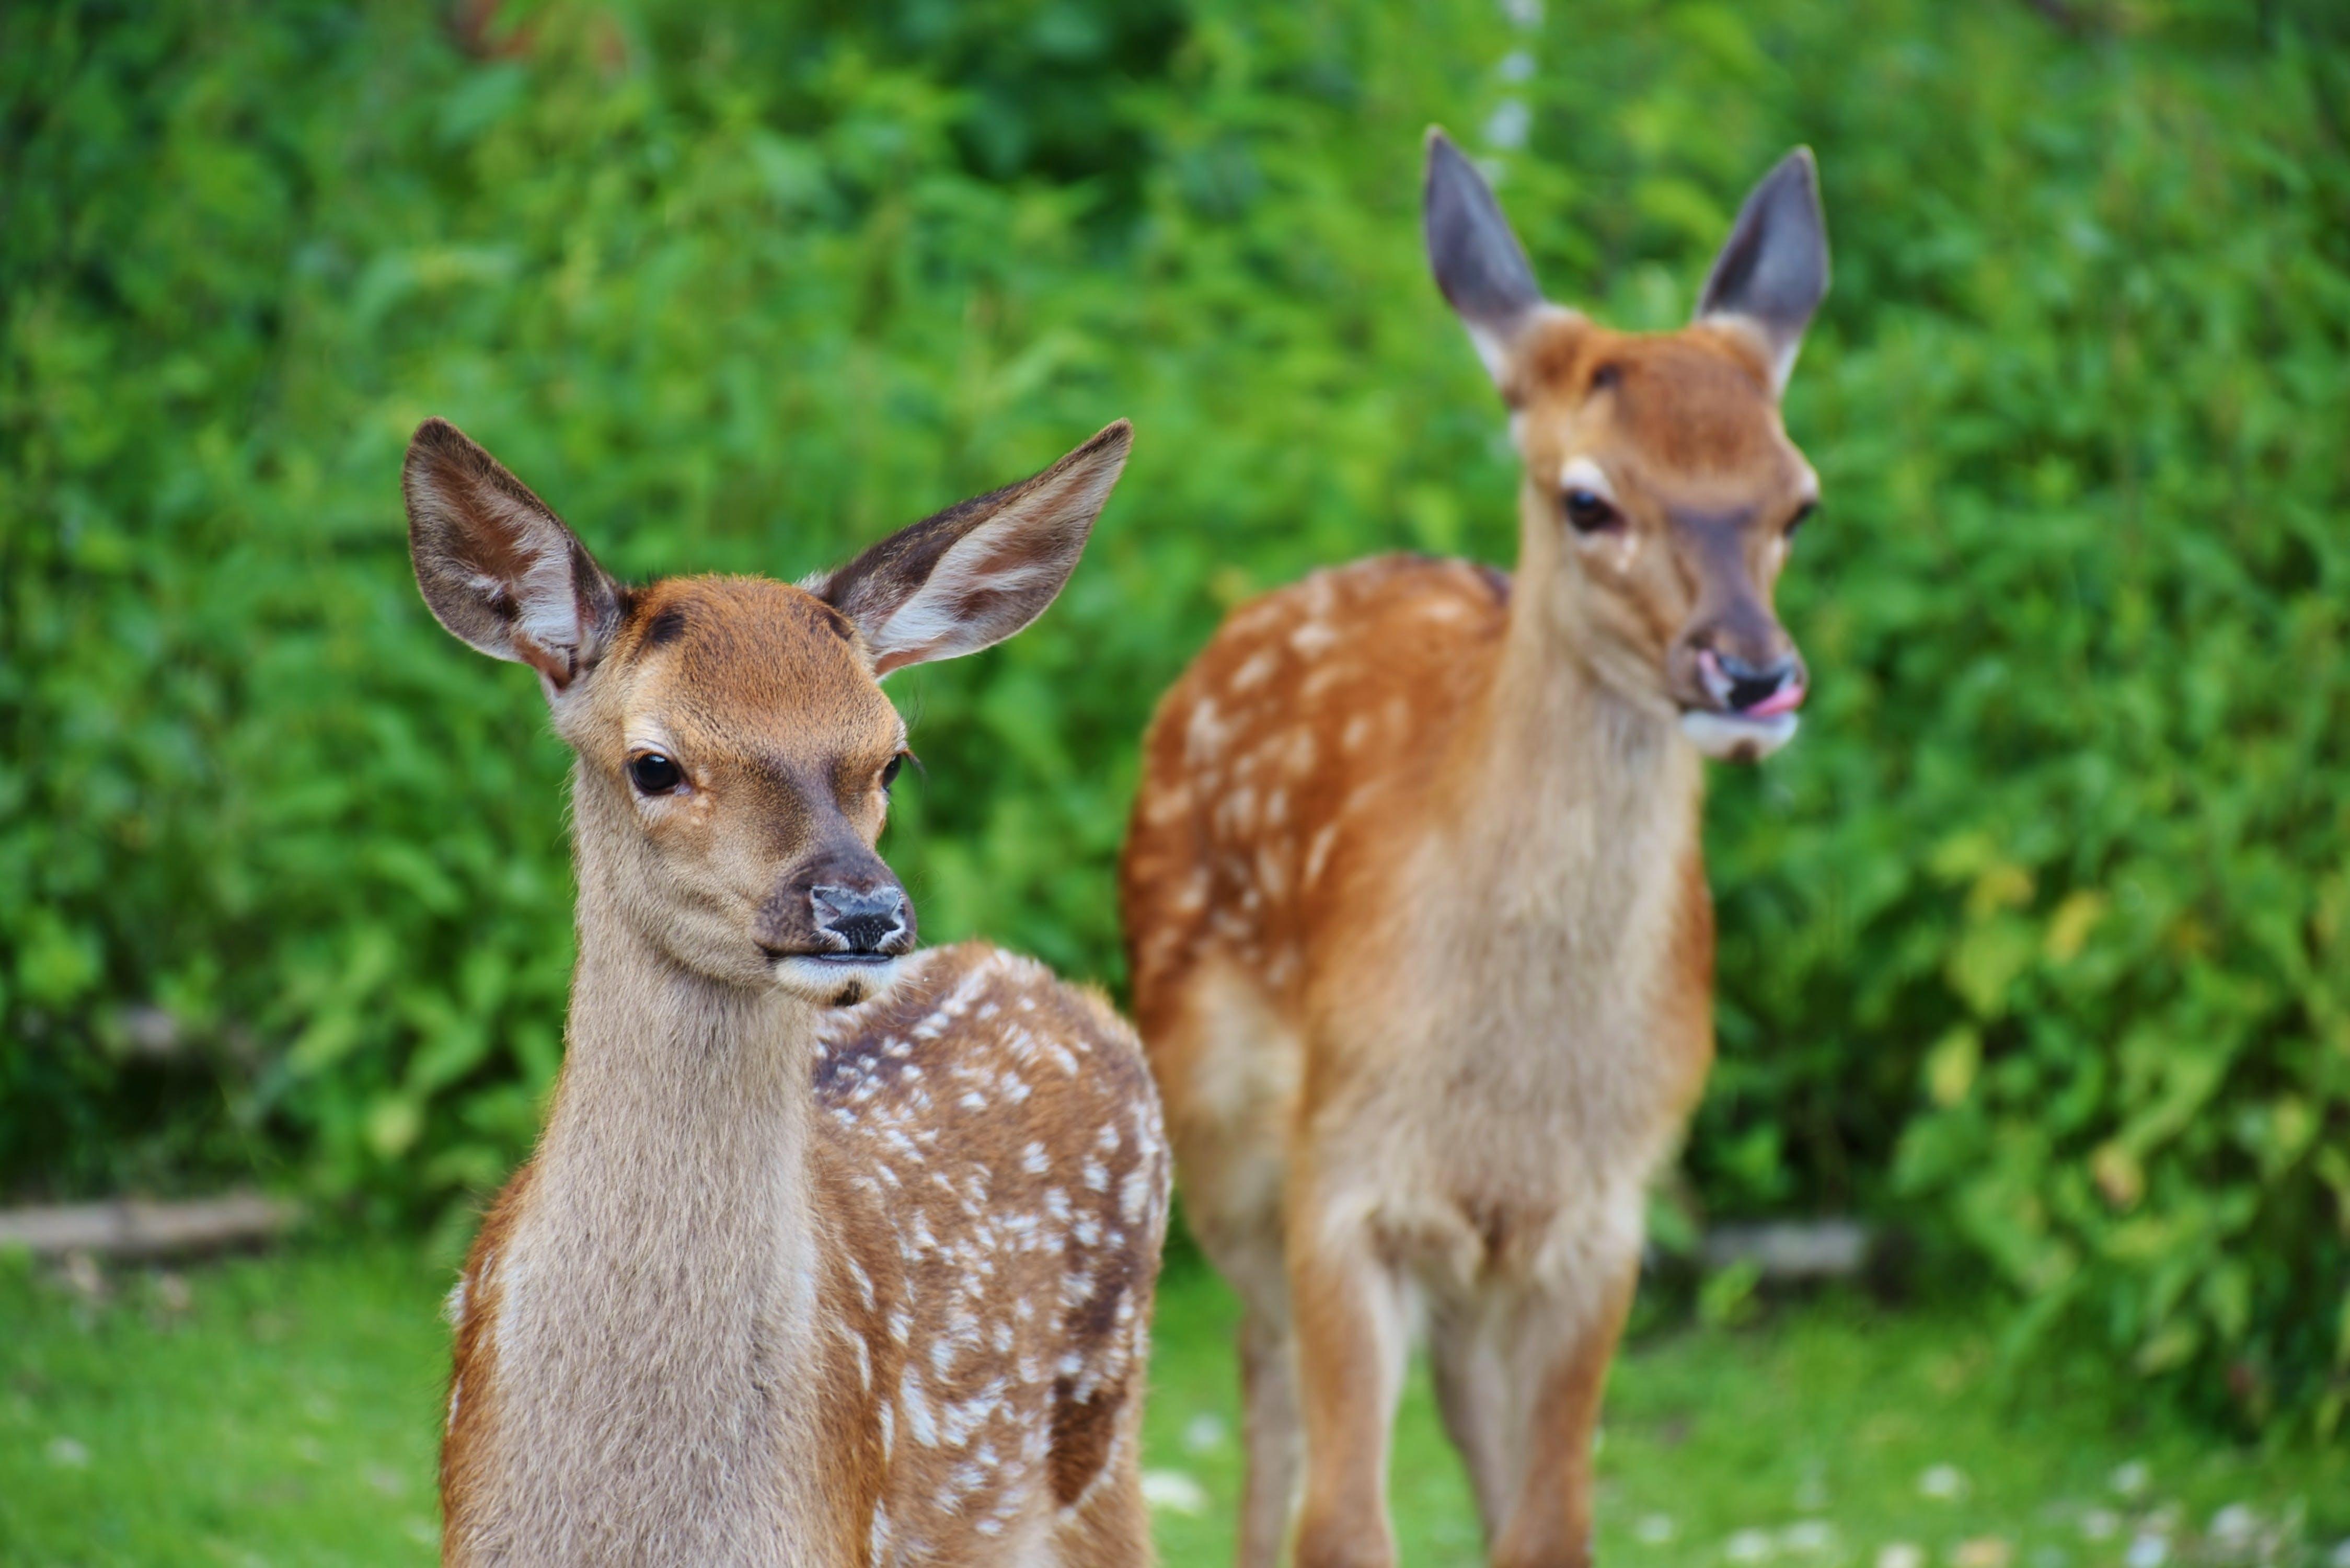 Kostenloses Stock Foto zu gras, hirsch, jung, jungtier